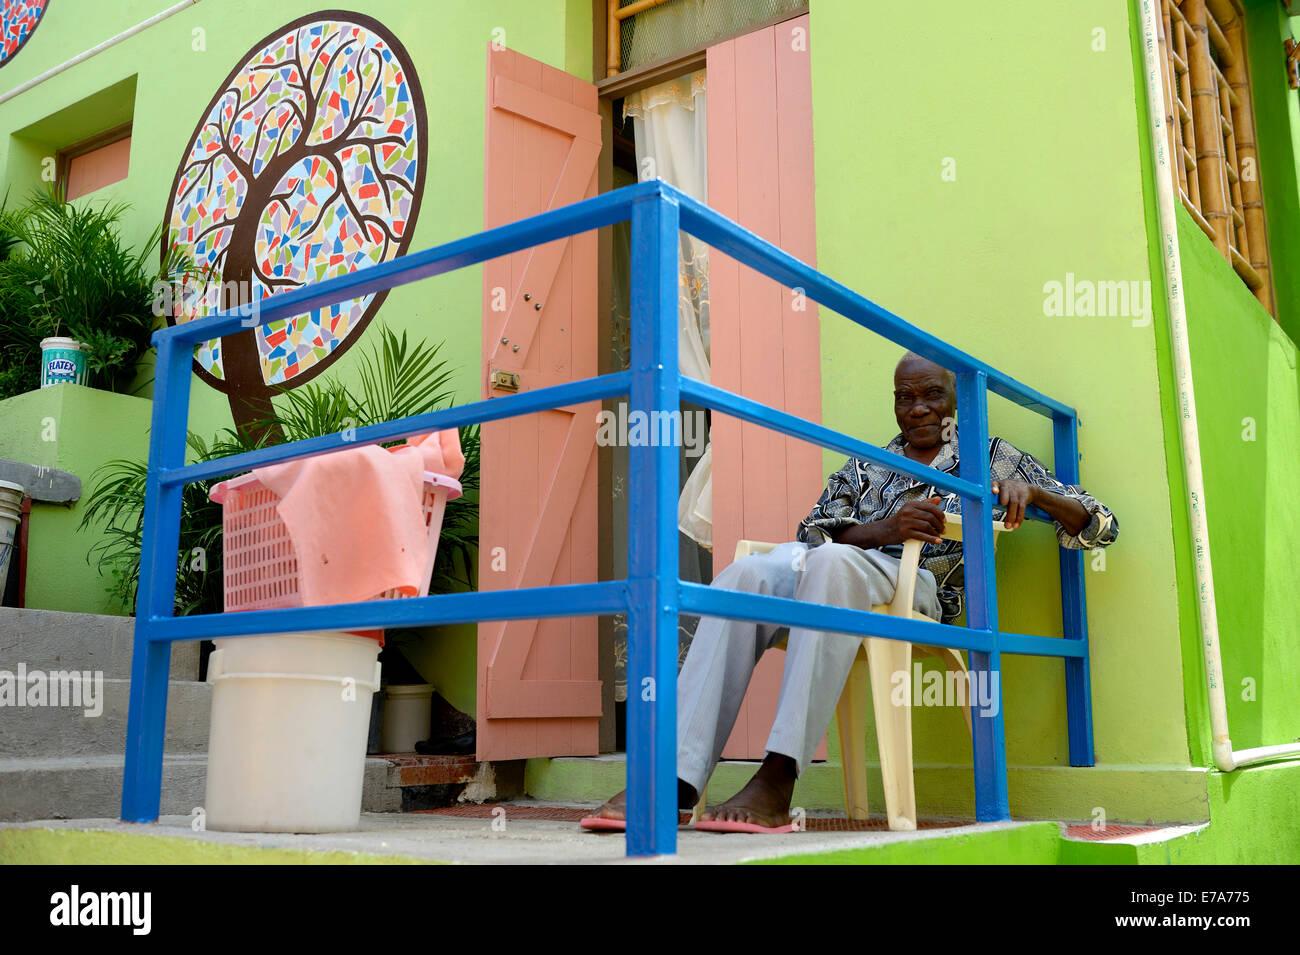 Vieil homme assis en face d'une maison qu'il construit avec l'appui d'un organisme de bienfaisance, Photo Stock